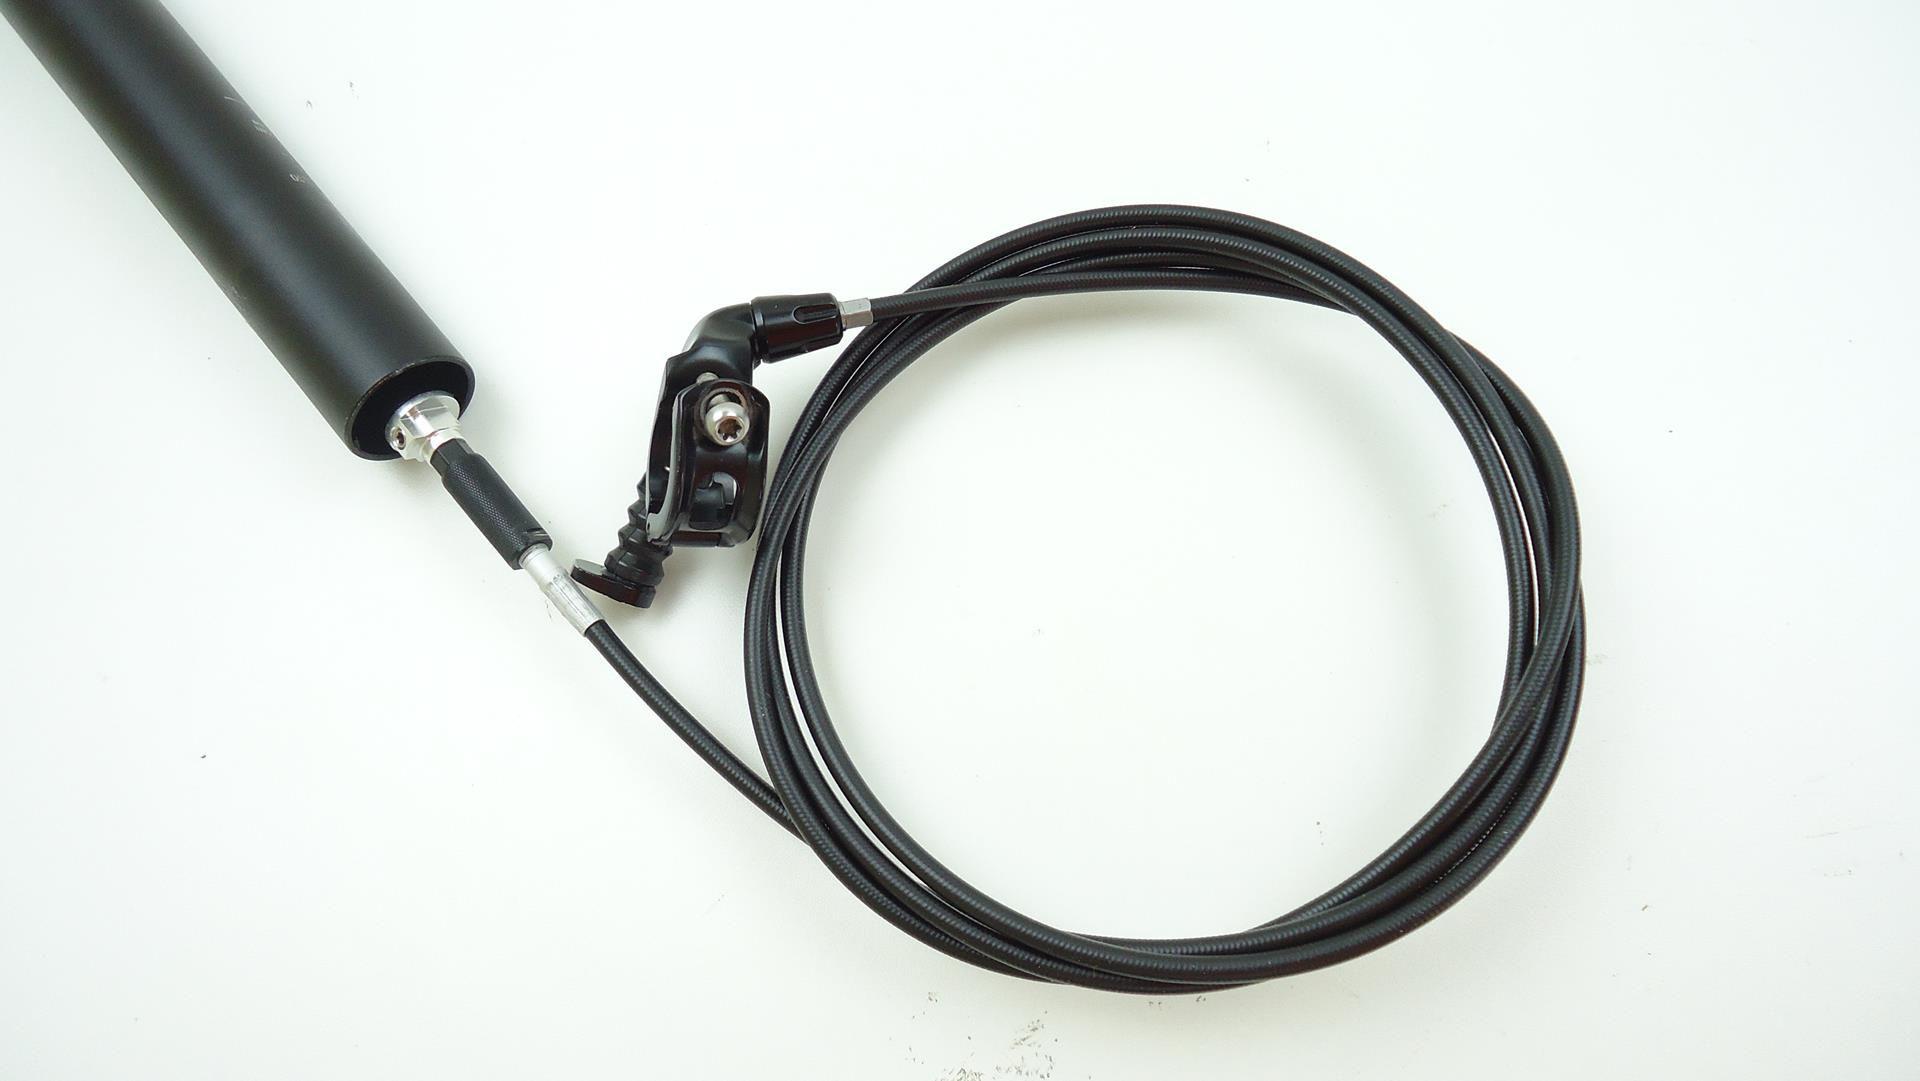 Canote MTB Rock Shox Reverb 31.6 x 430mm Telescópico Retrátil Preto - USADO